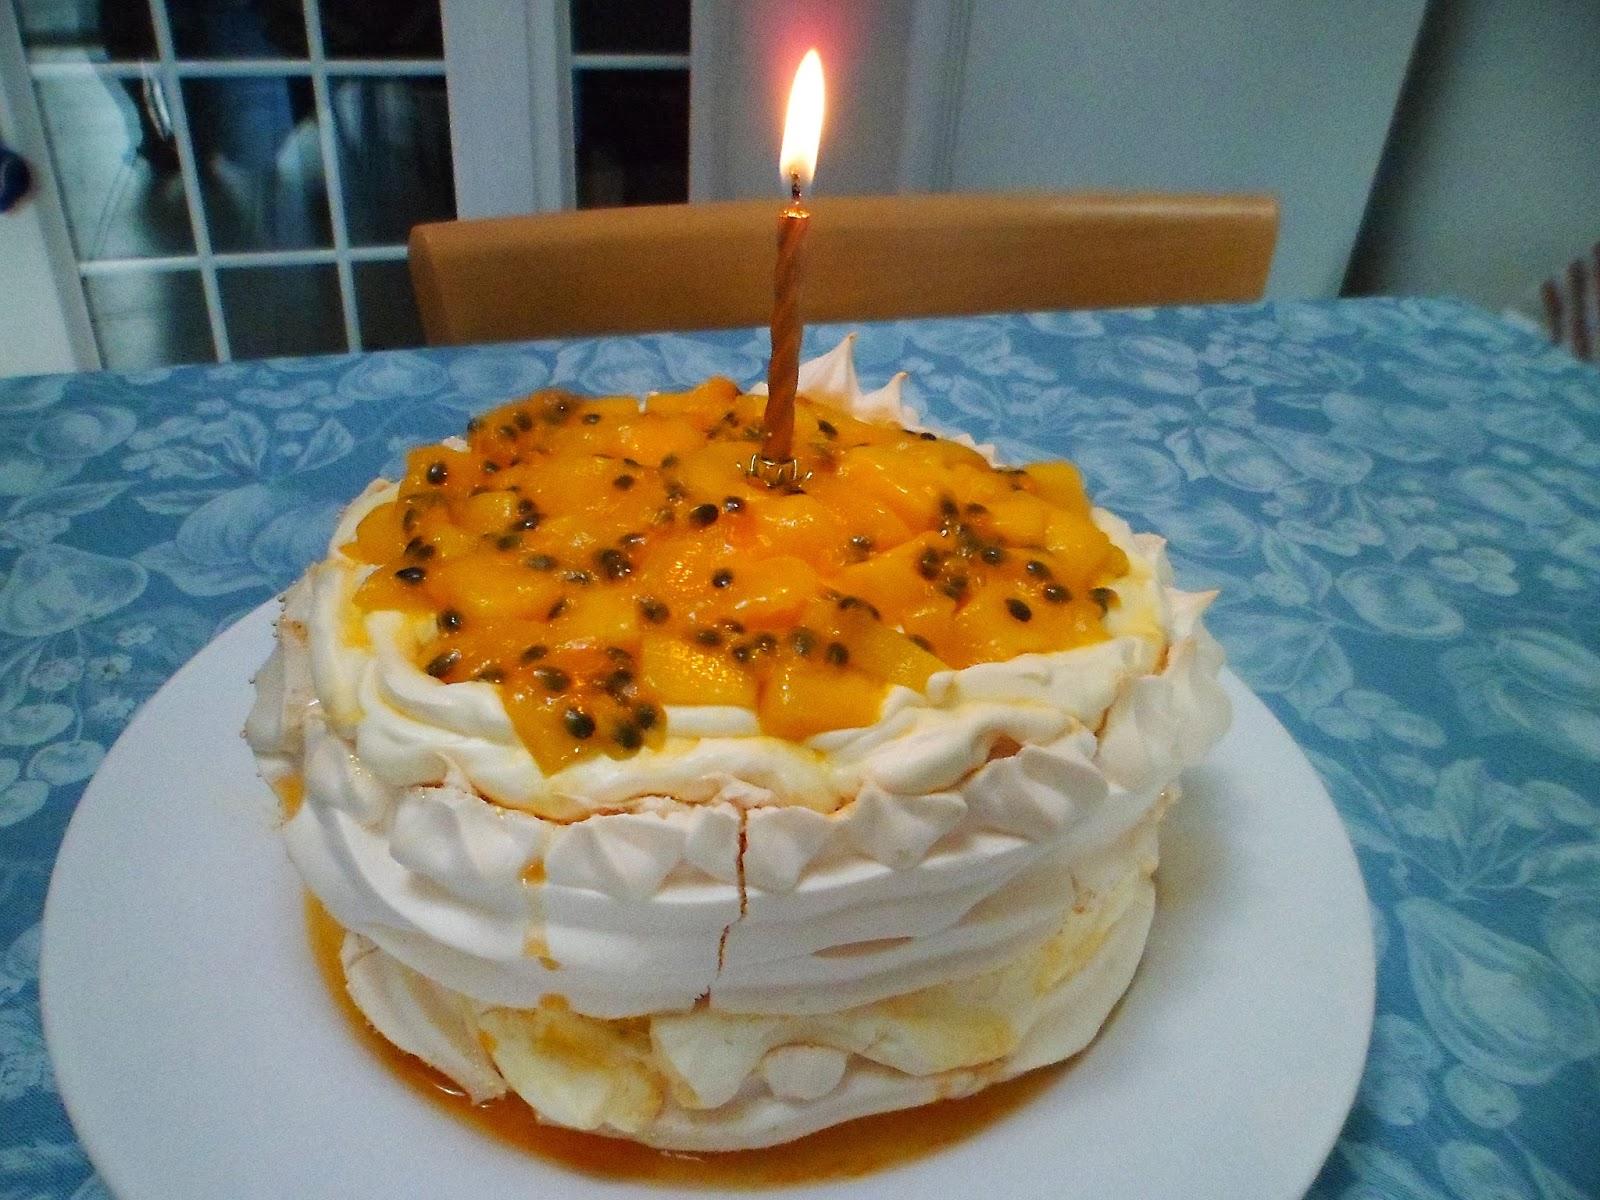 Birthday Pavlova For Mum Mango Passion Fruit Pavlova